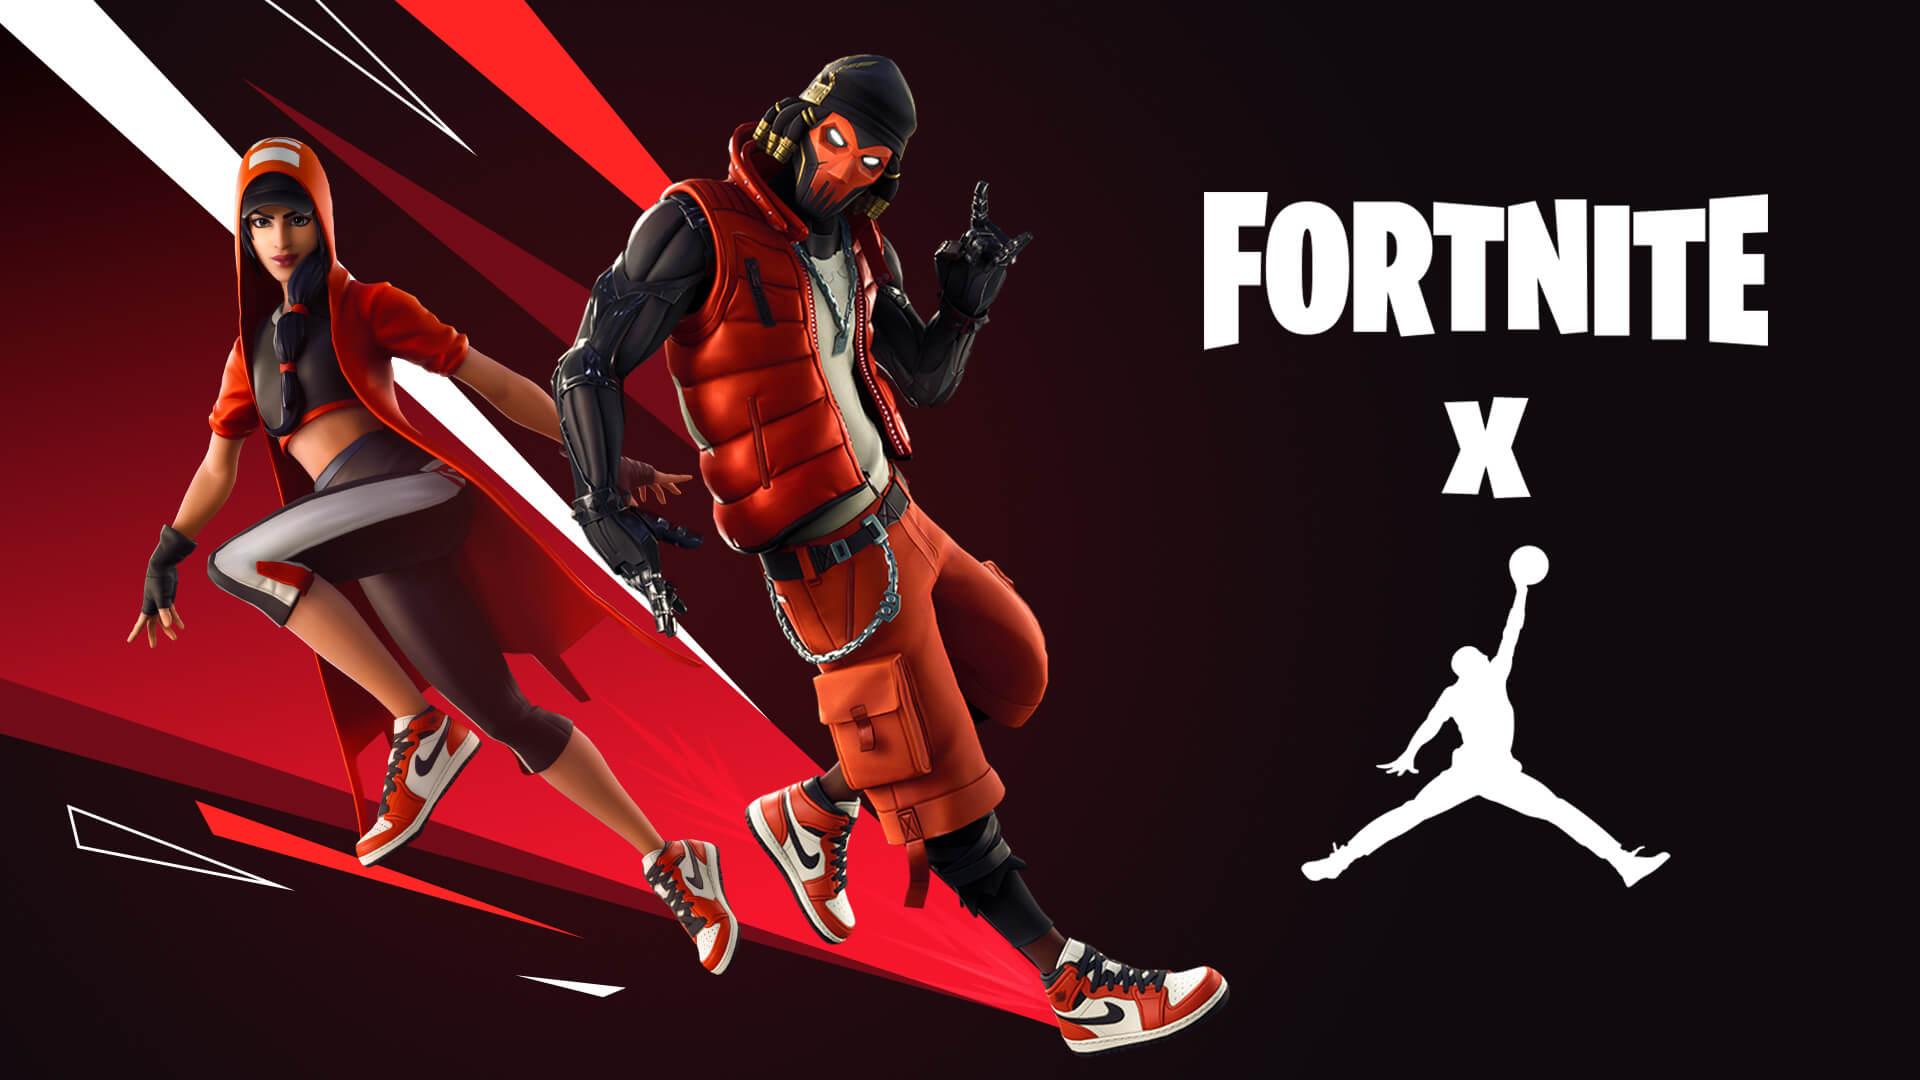 Fortnite x Jordan